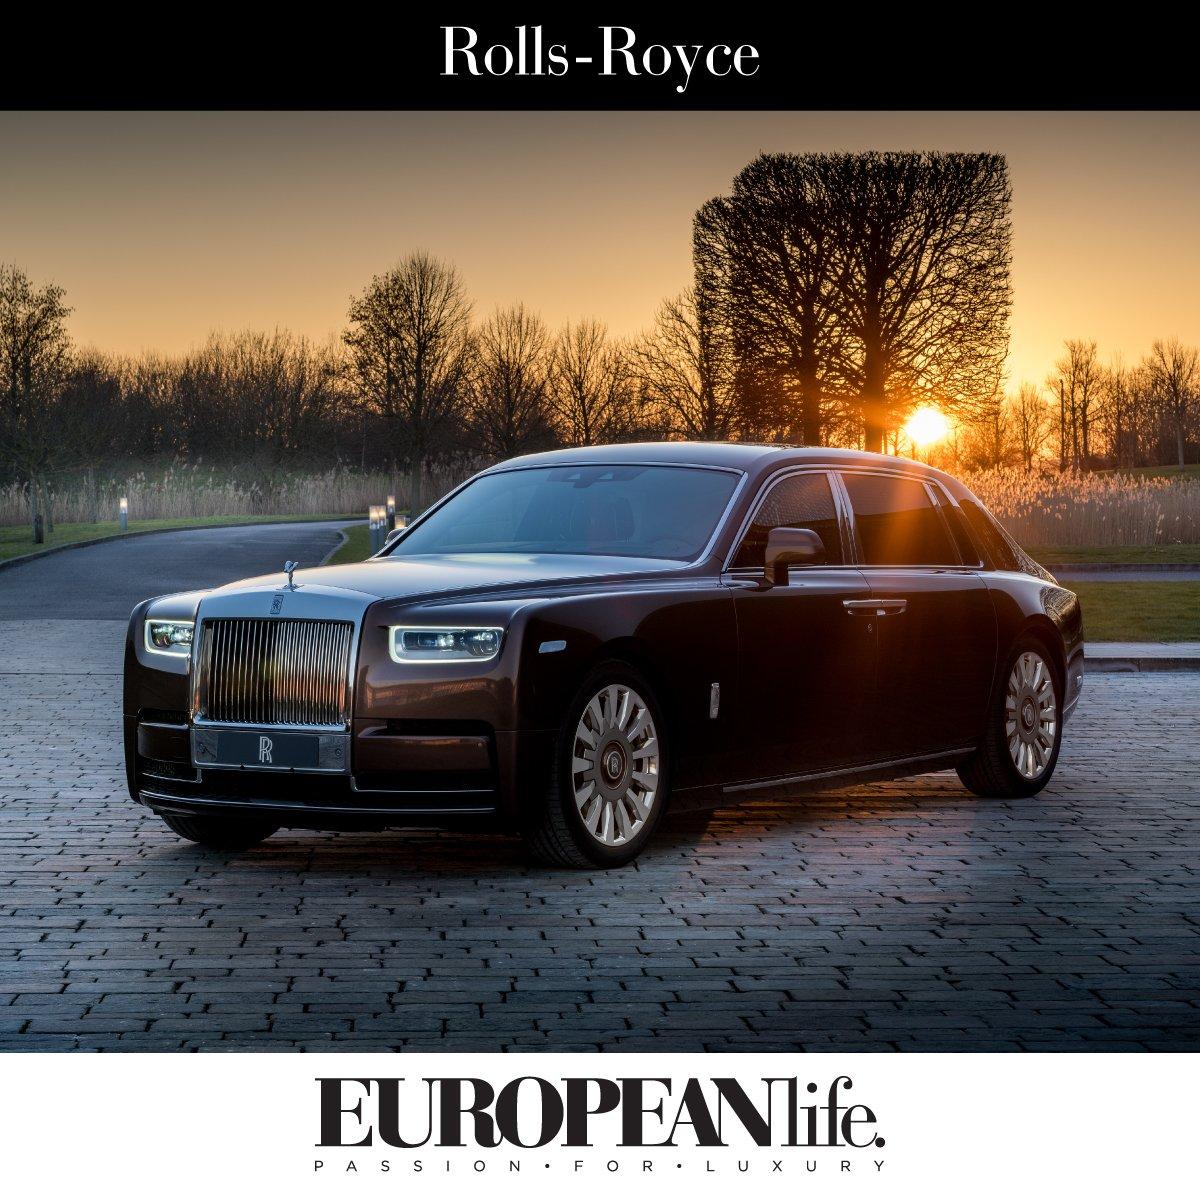 rolls royce car - HD1080×1080